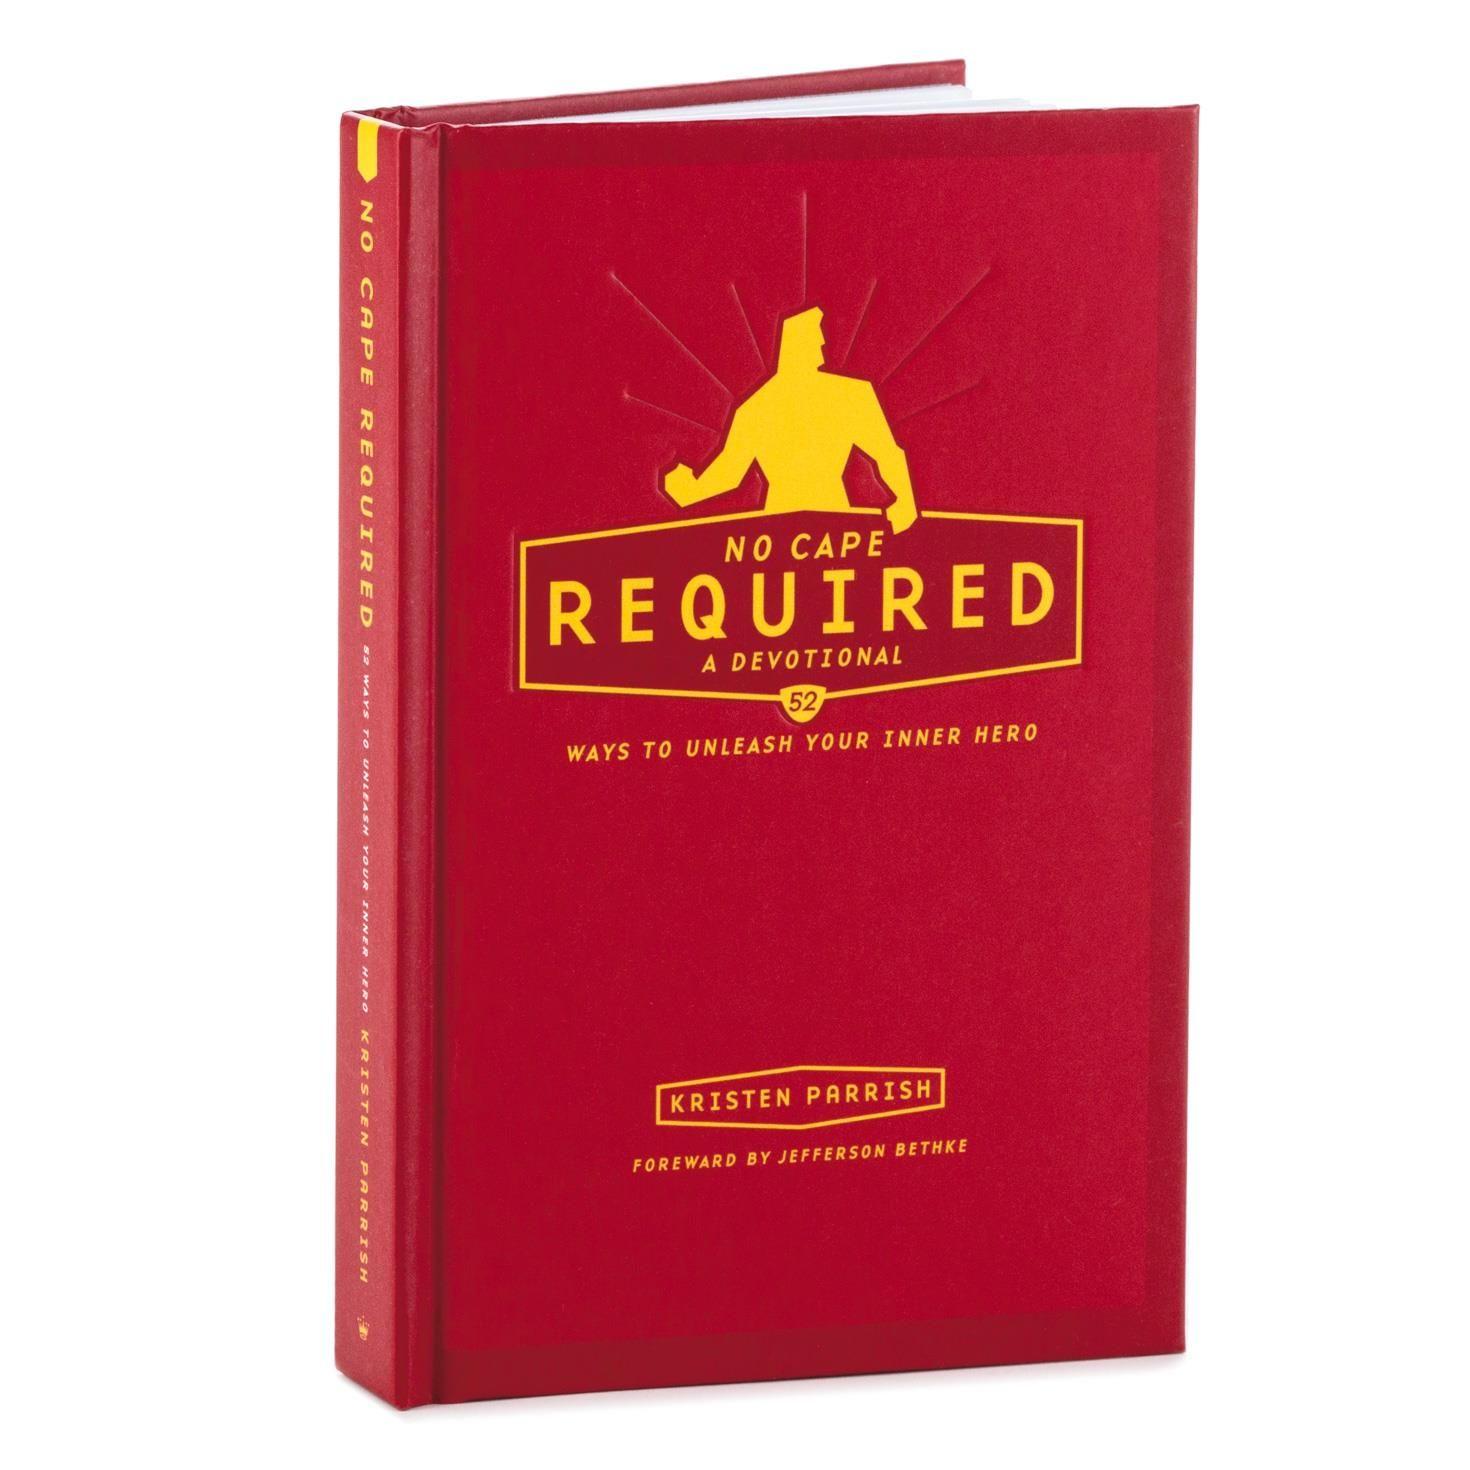 No Cape Required Gift Book - Religious Books - Hallmark